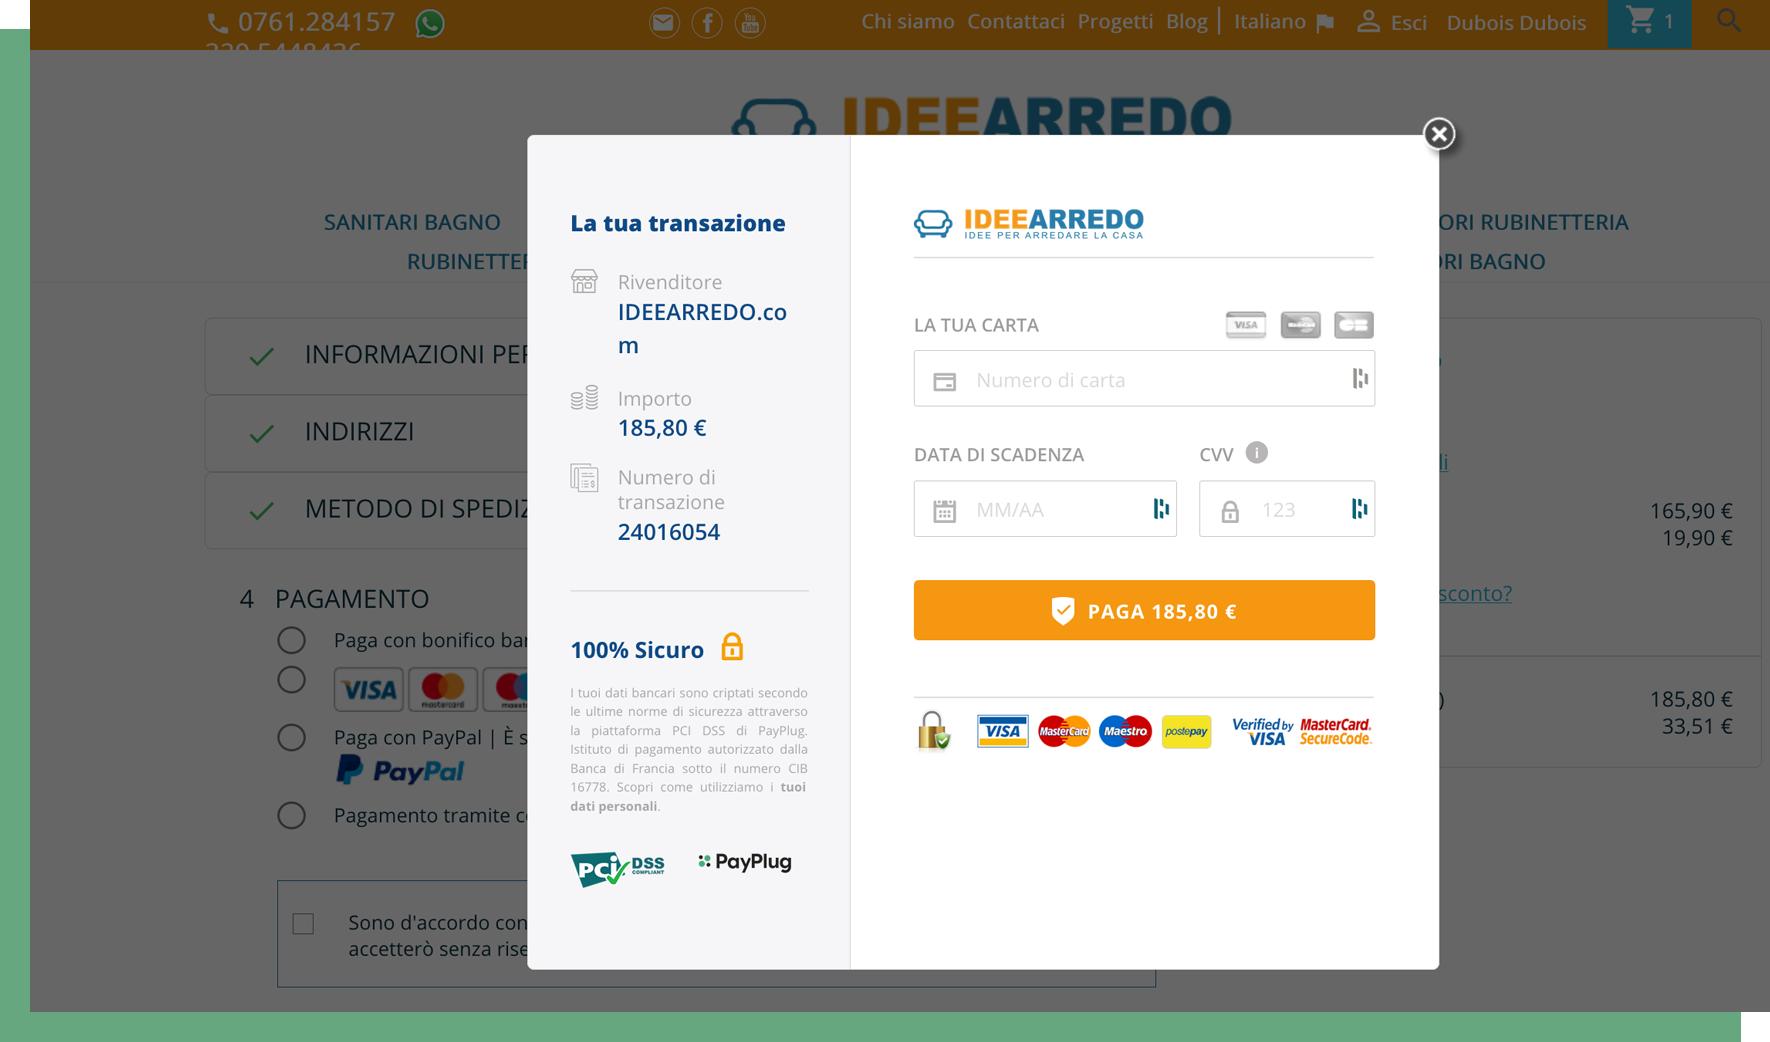 Pagina di pagamento personalizzata